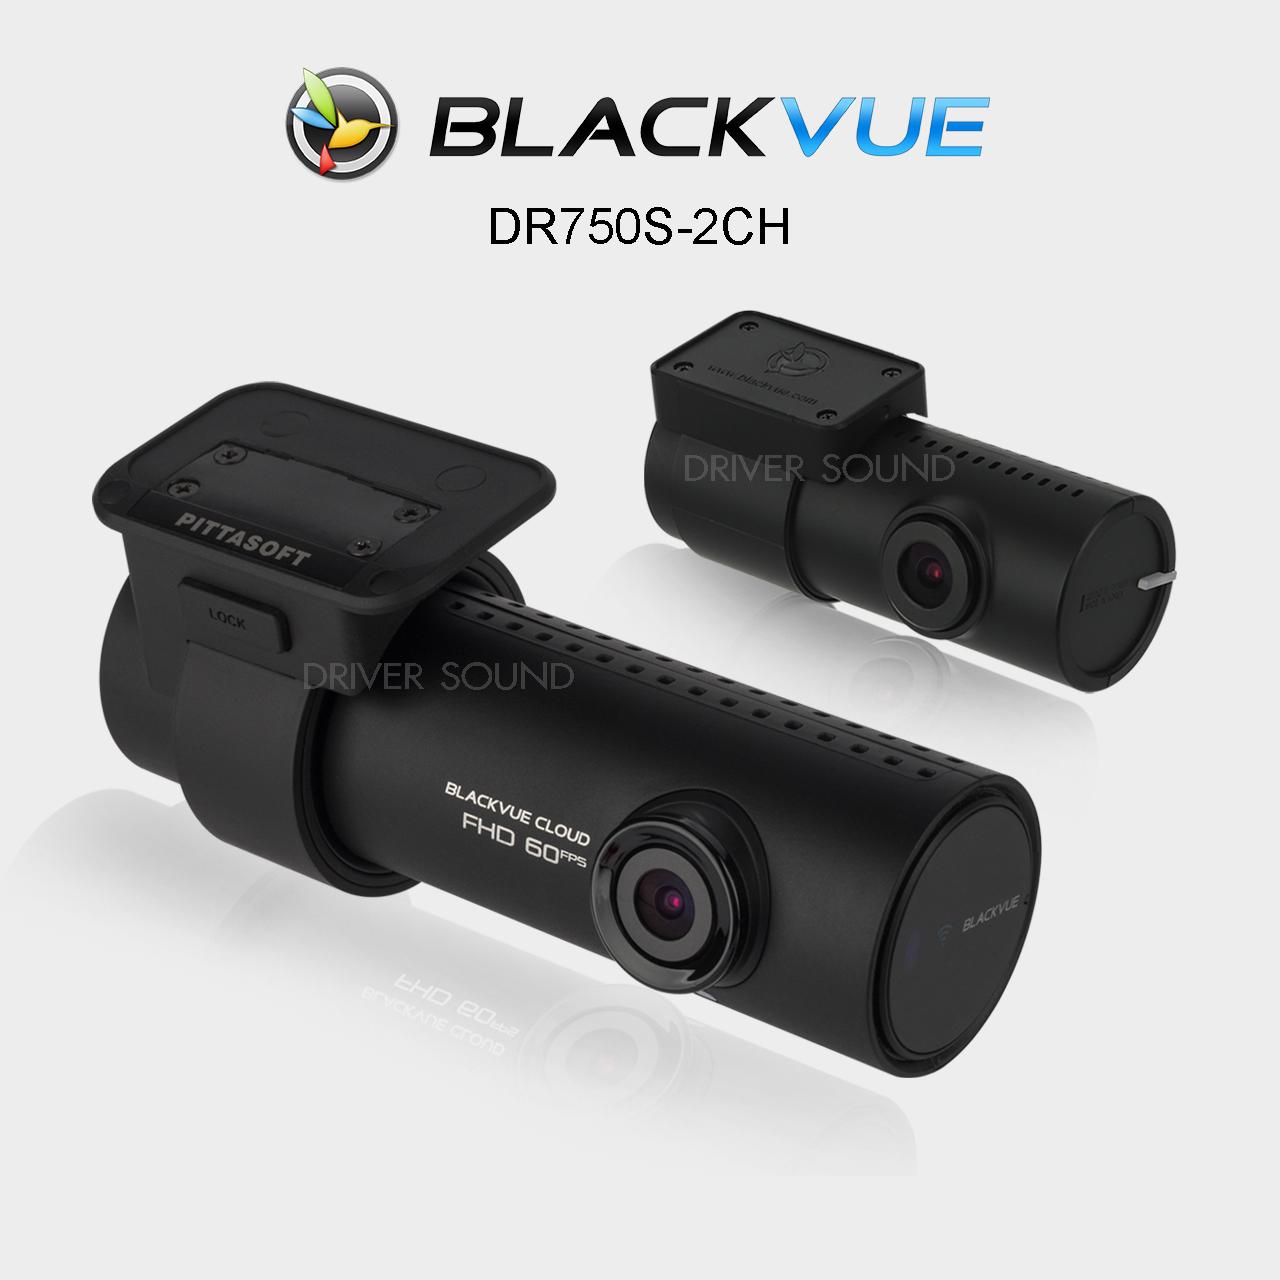 BLACKVUE DR750S-2CH กล้องติดรถยนต์ ที่ดีที่สุด